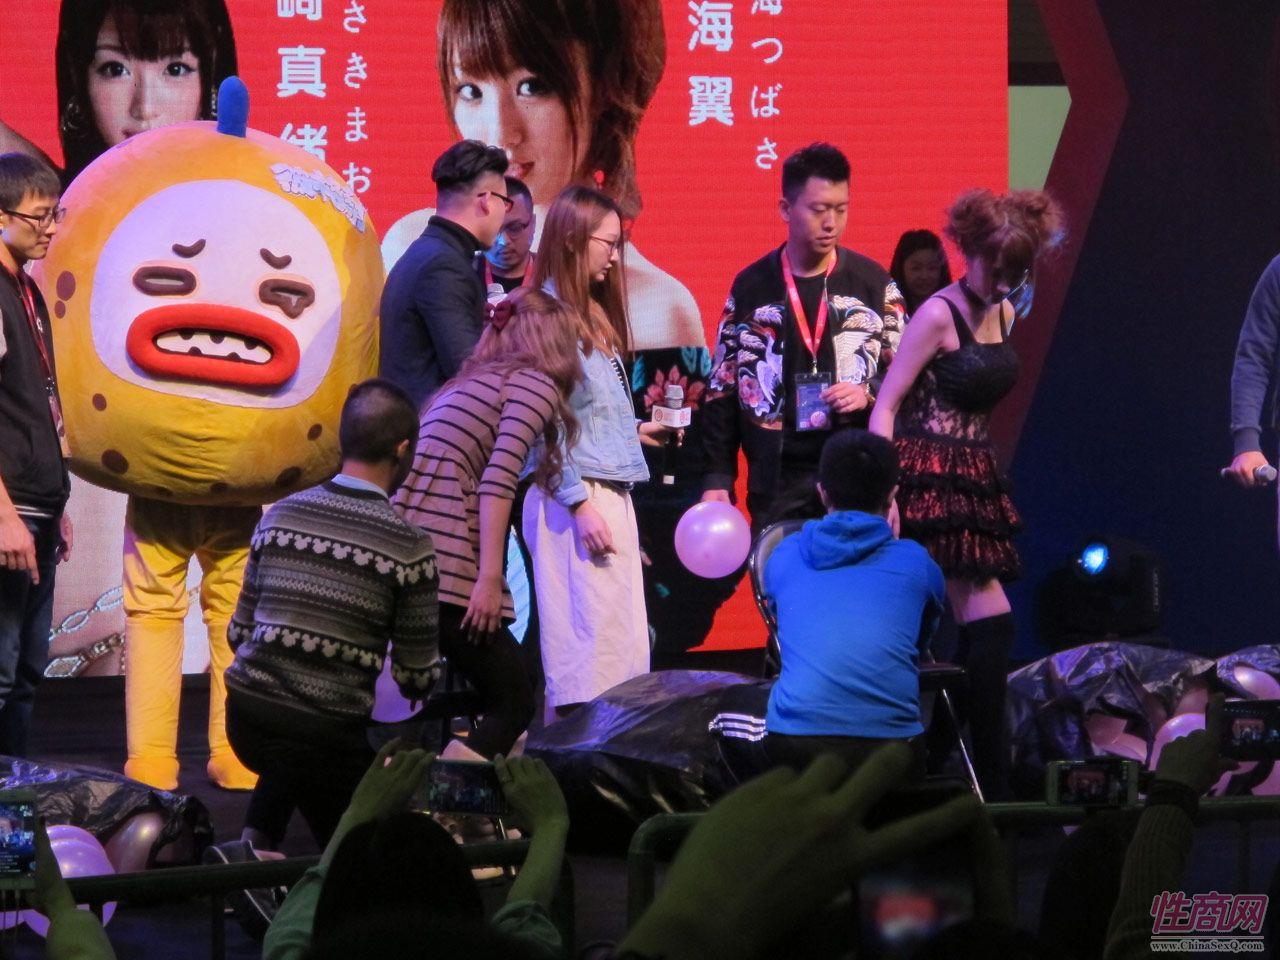 2016年厦门成人展(色扑博览会)精彩集锦图片22